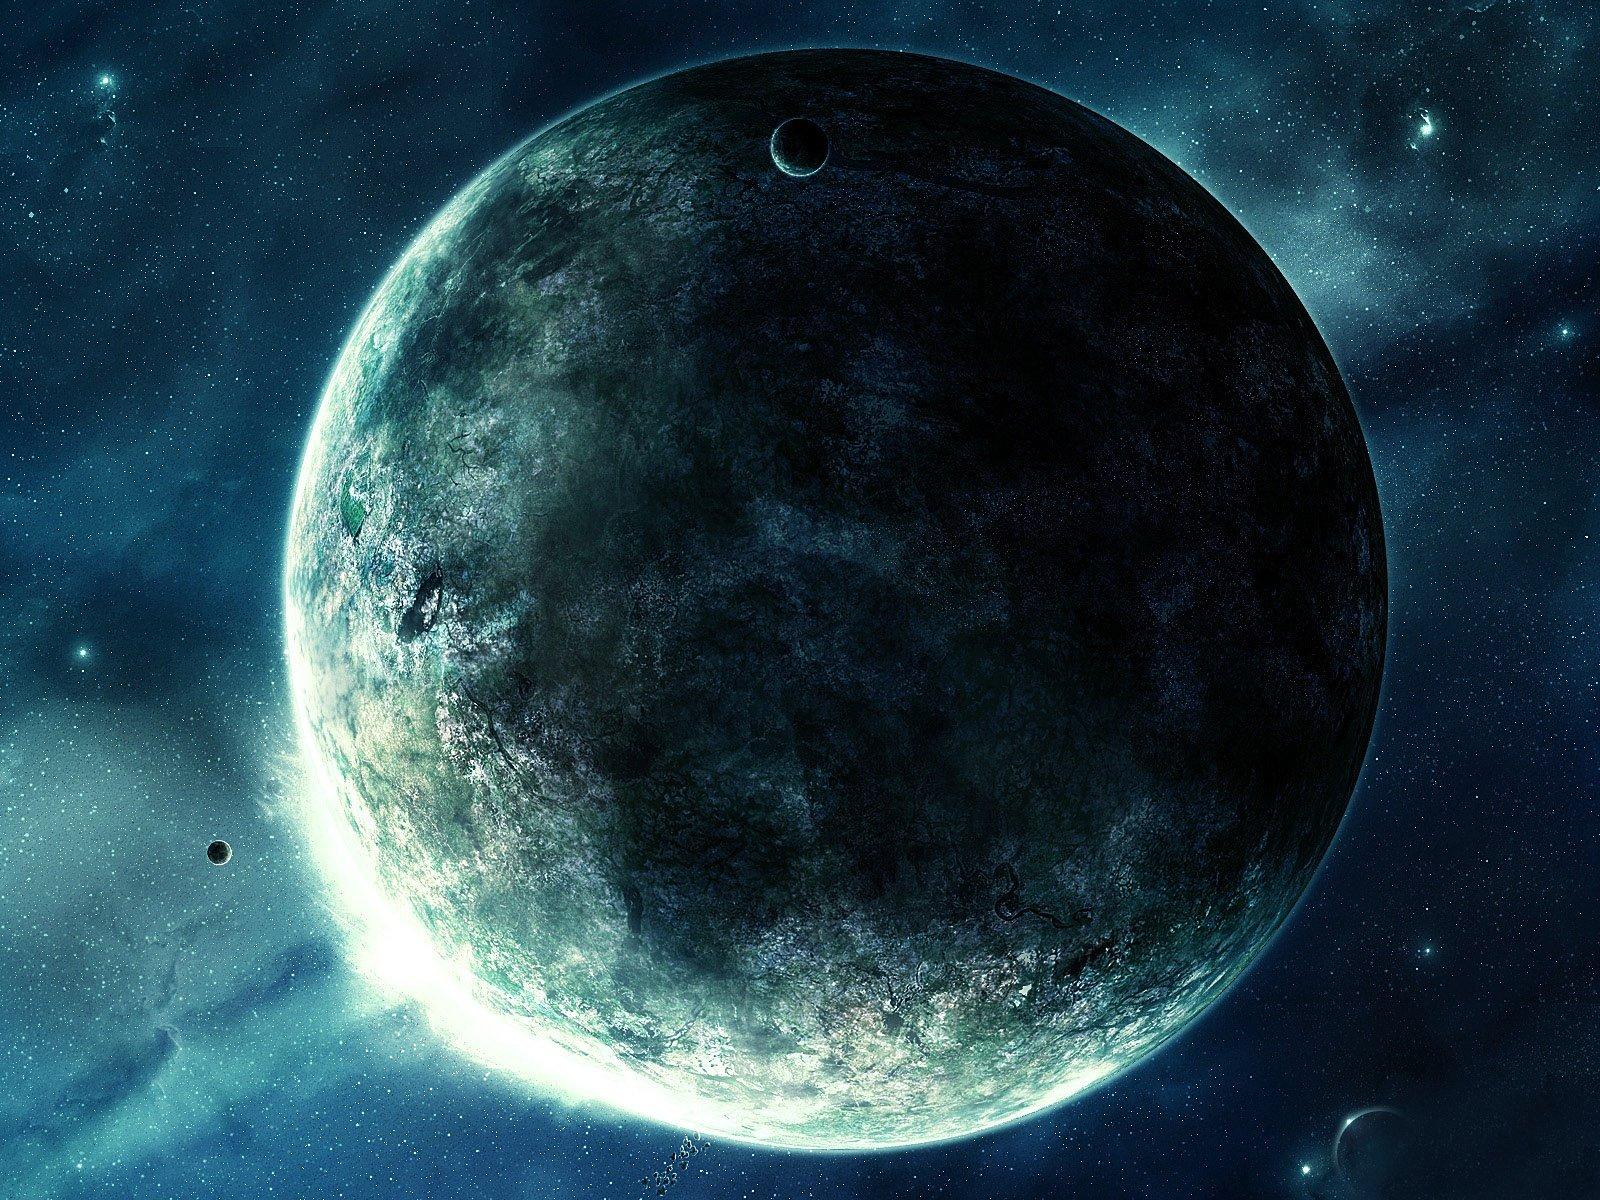 Планеты в звездных войнах фильм продать старый киндер сюрприз